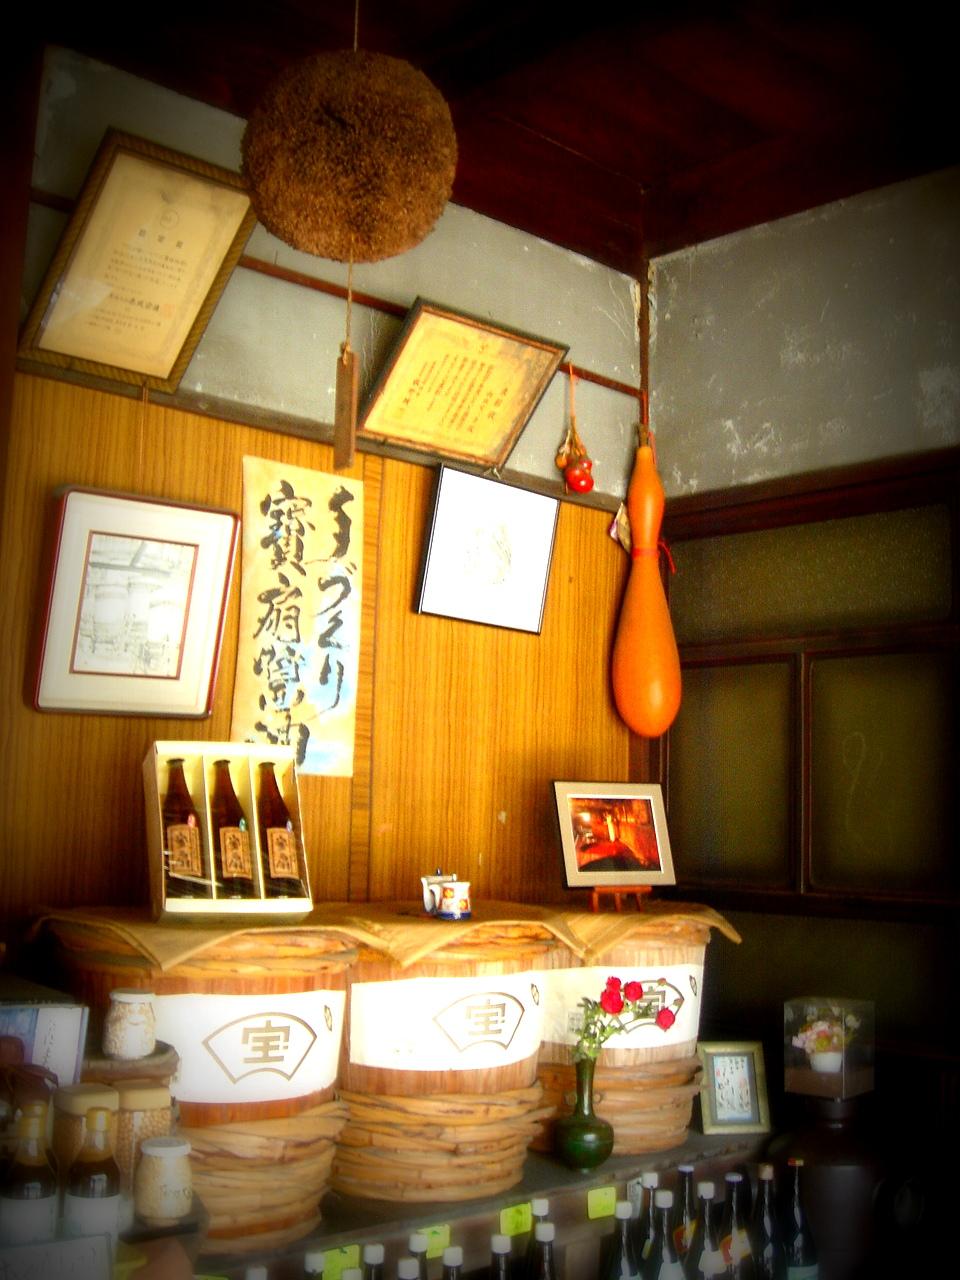 おいしいお醤油 -tasty handmade Soysauce_c0138928_1202149.jpg